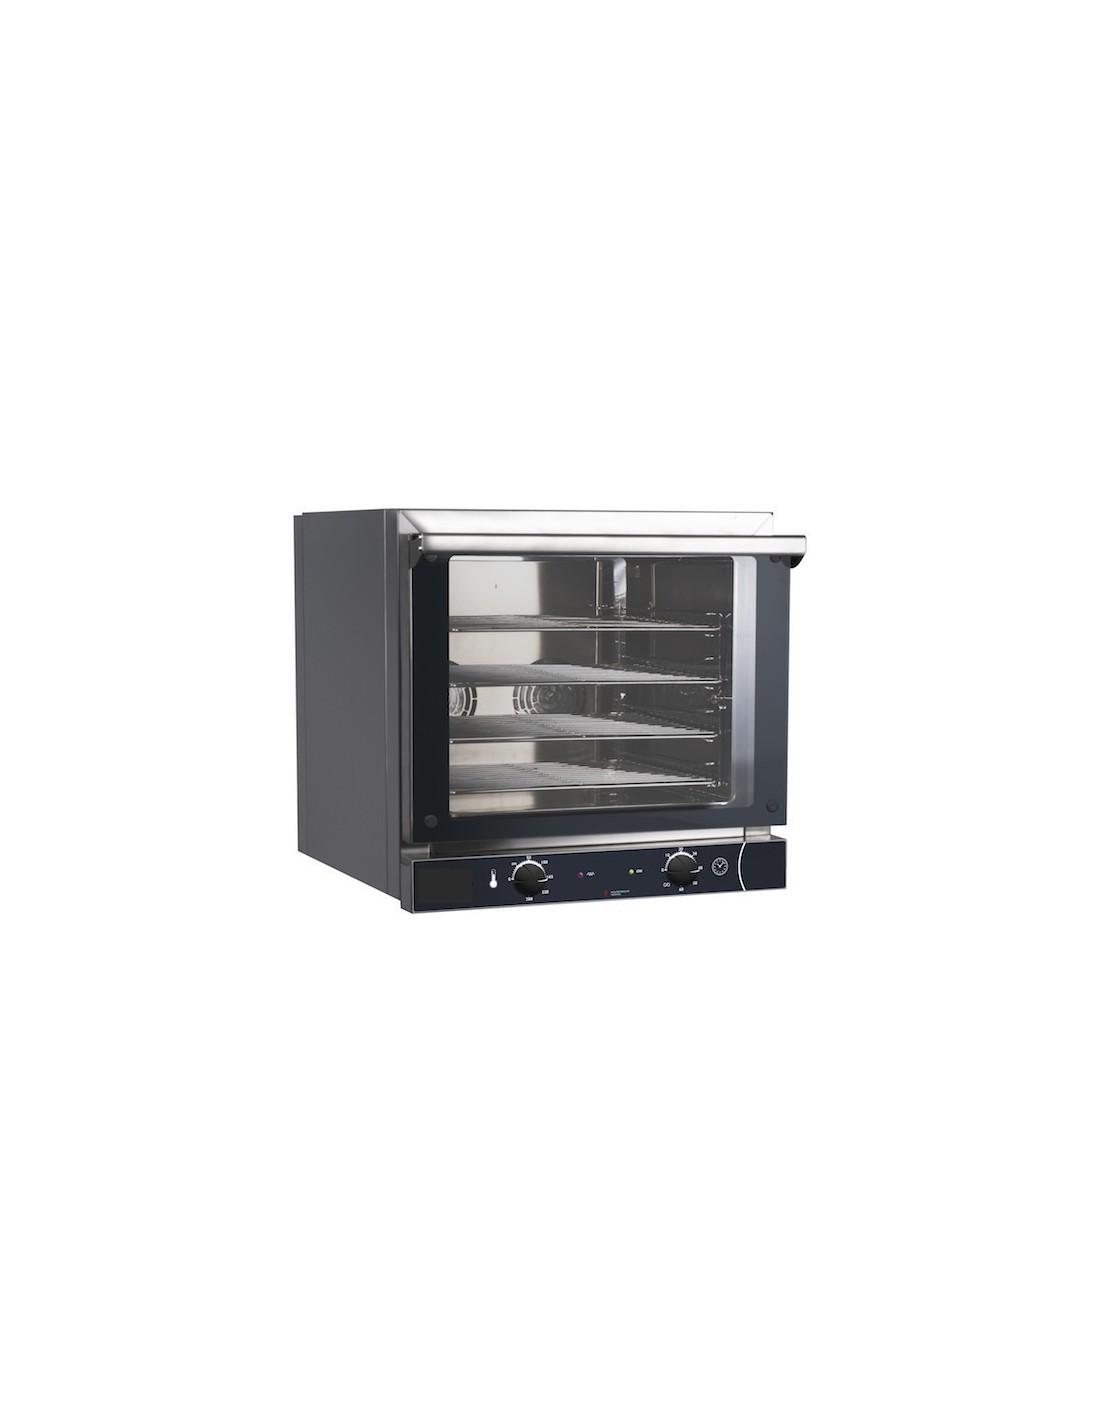 Forno elettrico 4 teglie 43 5x35 con grill frigotecnica srl - Forno elettrico con microonde integrato ...